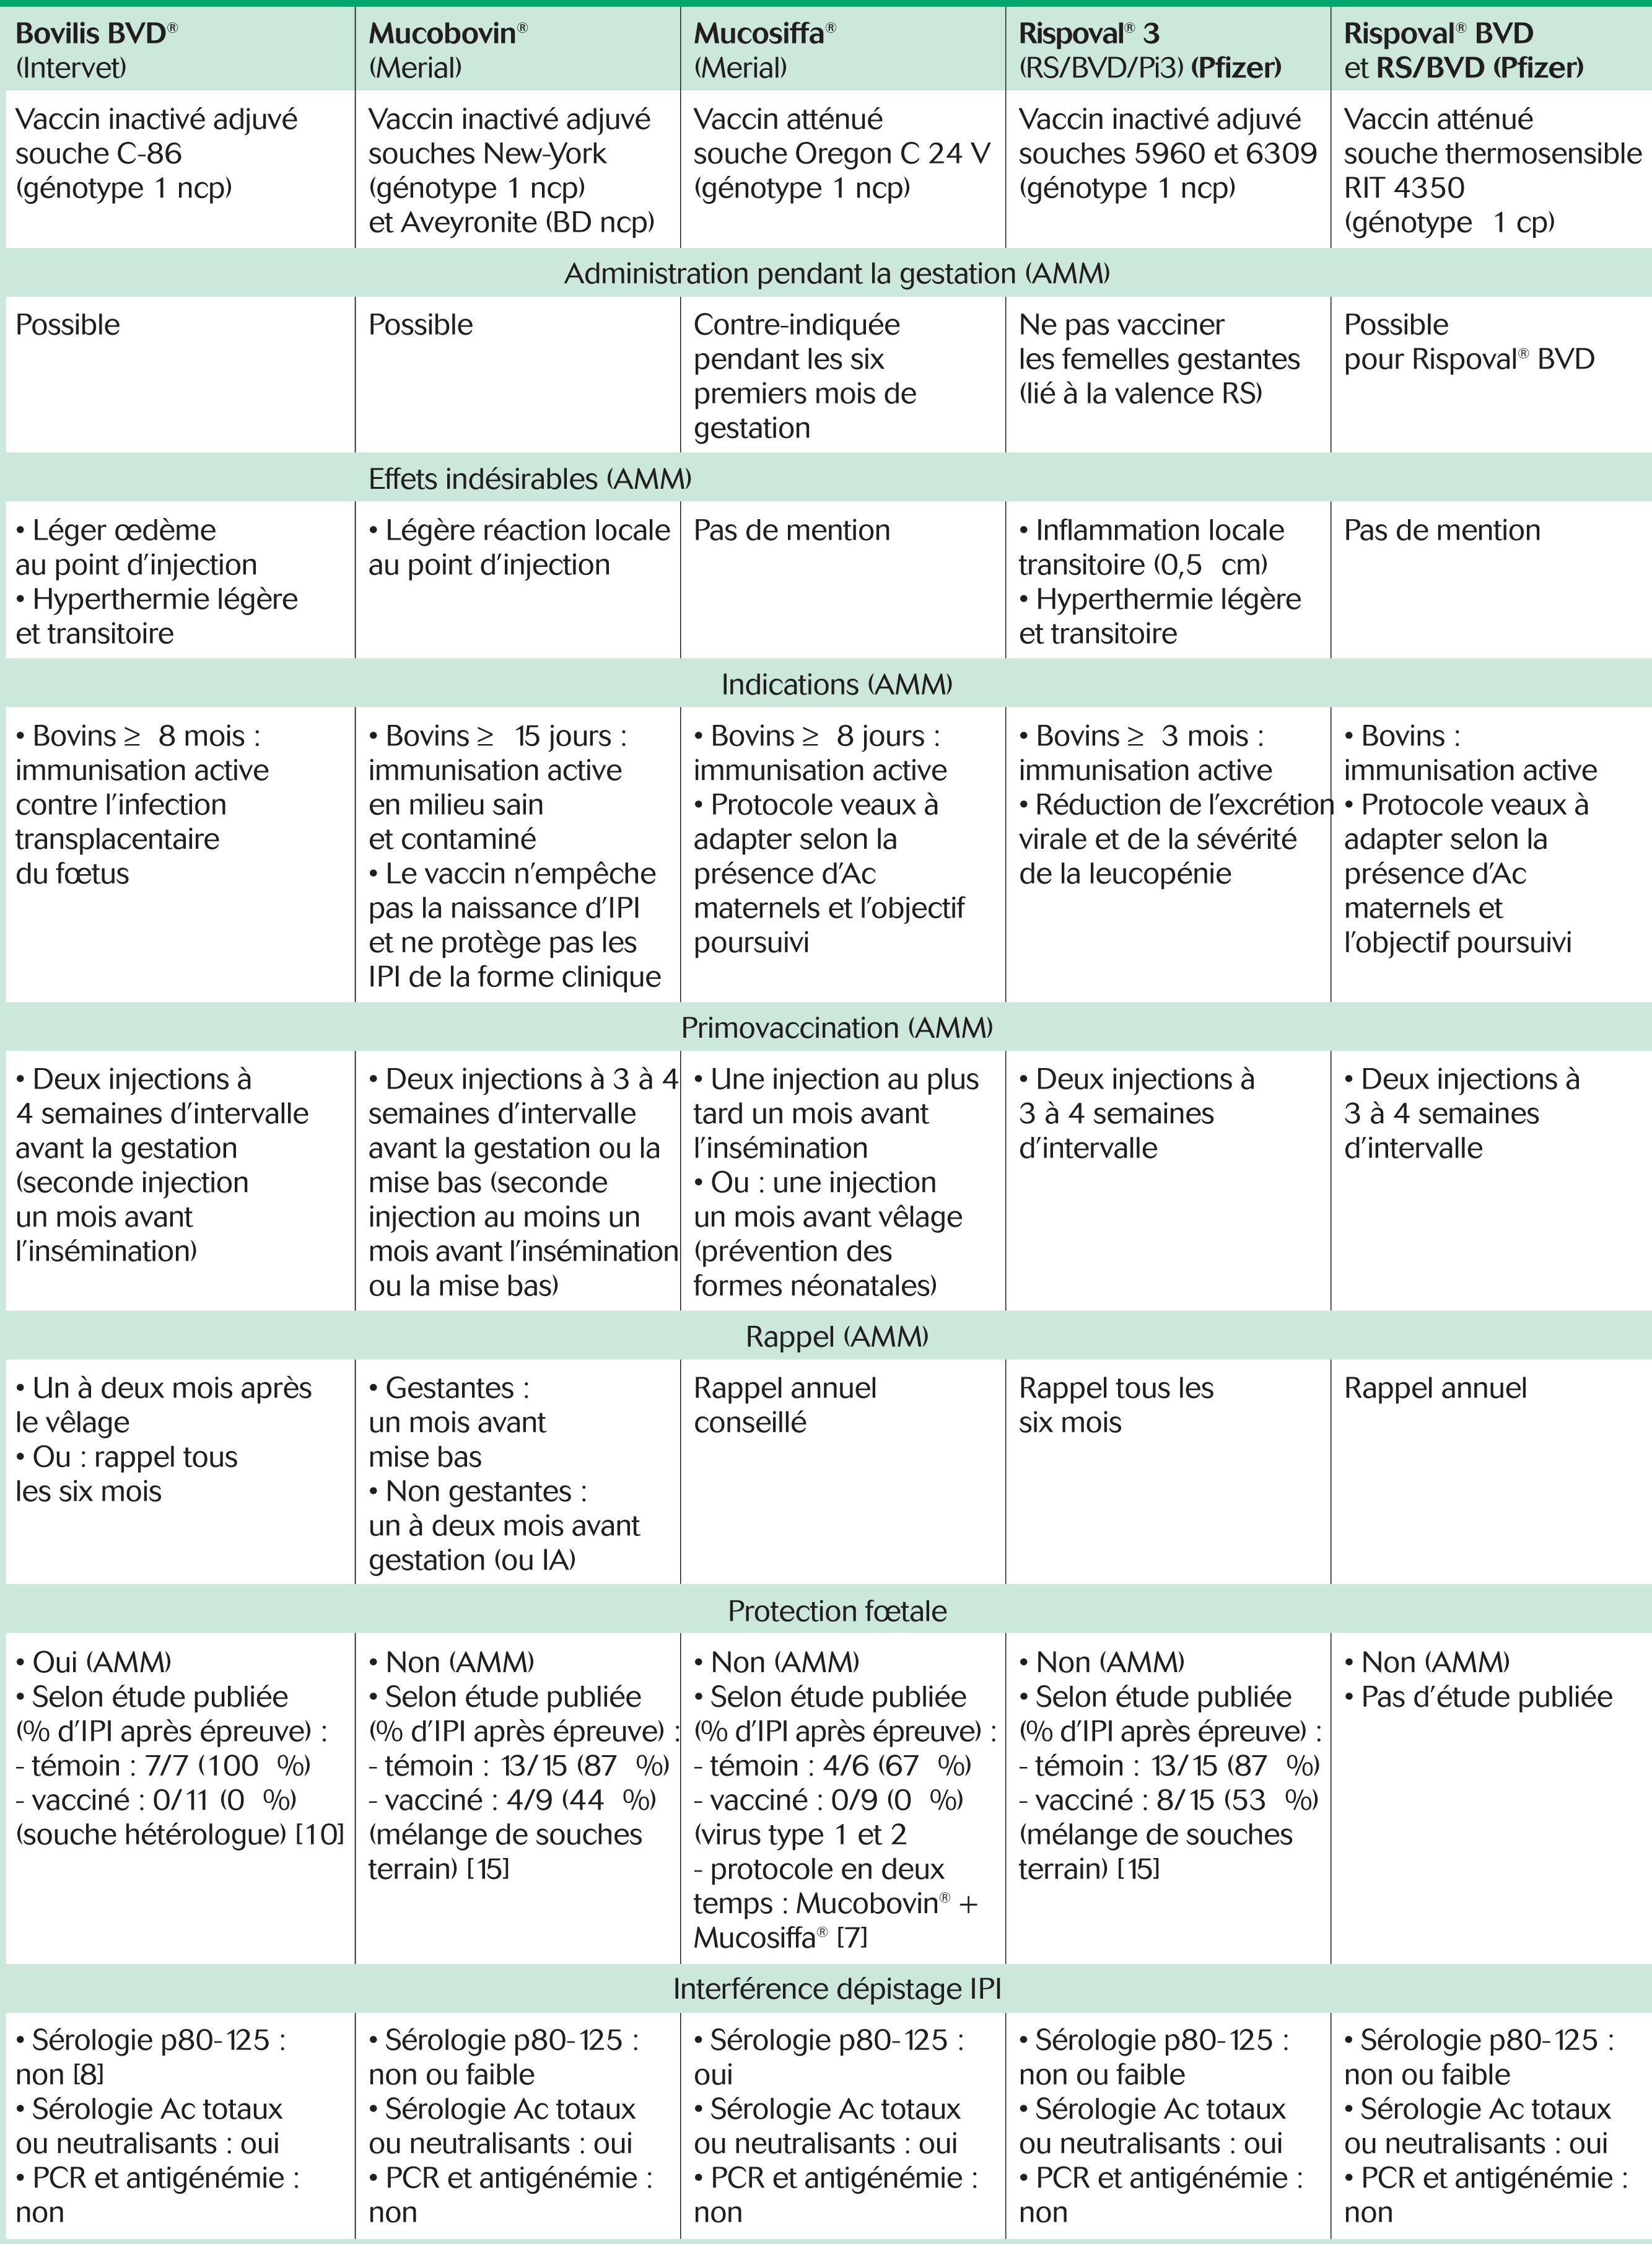 Caractéristiques des différents vaccins contre l'infection par le virus BVD-MD autorisés en France